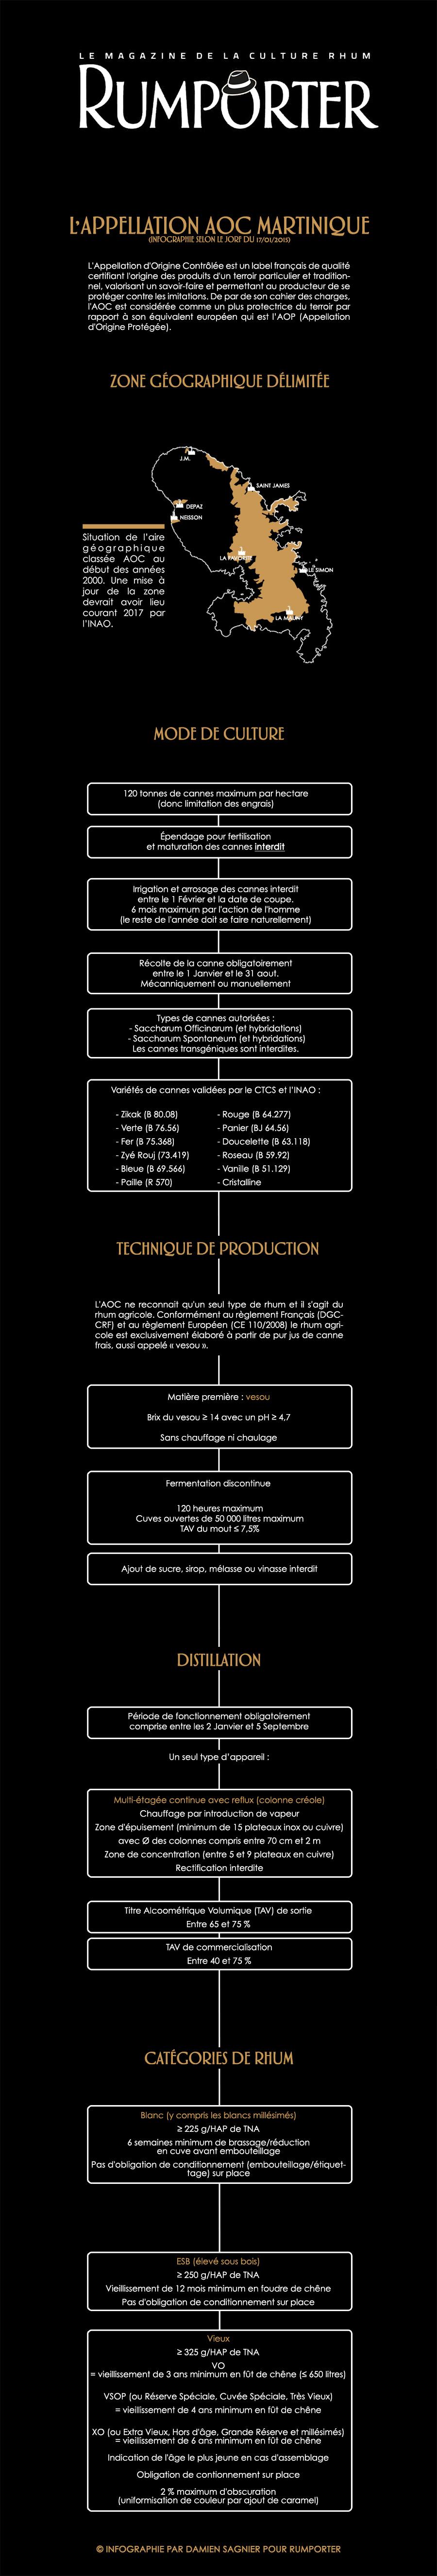 Infographie rhum Martinique